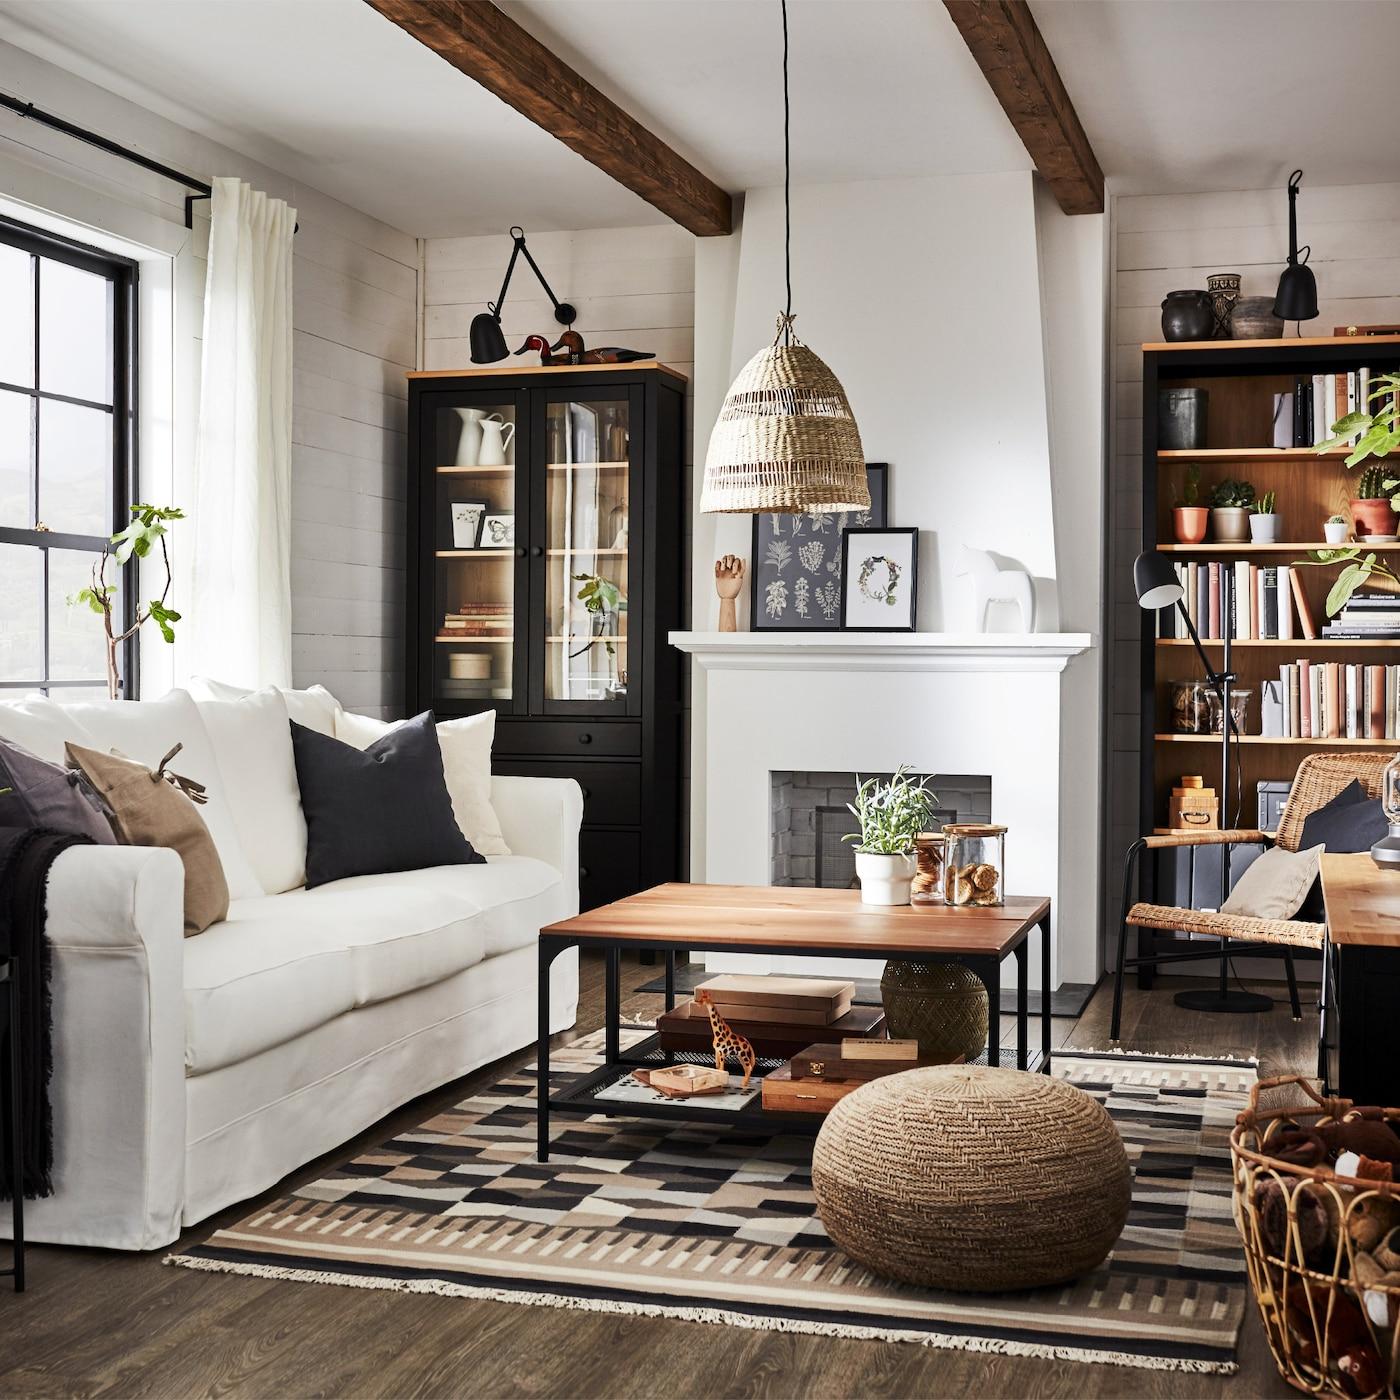 传统风格的客厅里摆放着深褐色/实心松木书柜和电视柜,一张白色沙发和一个玻璃门柜。